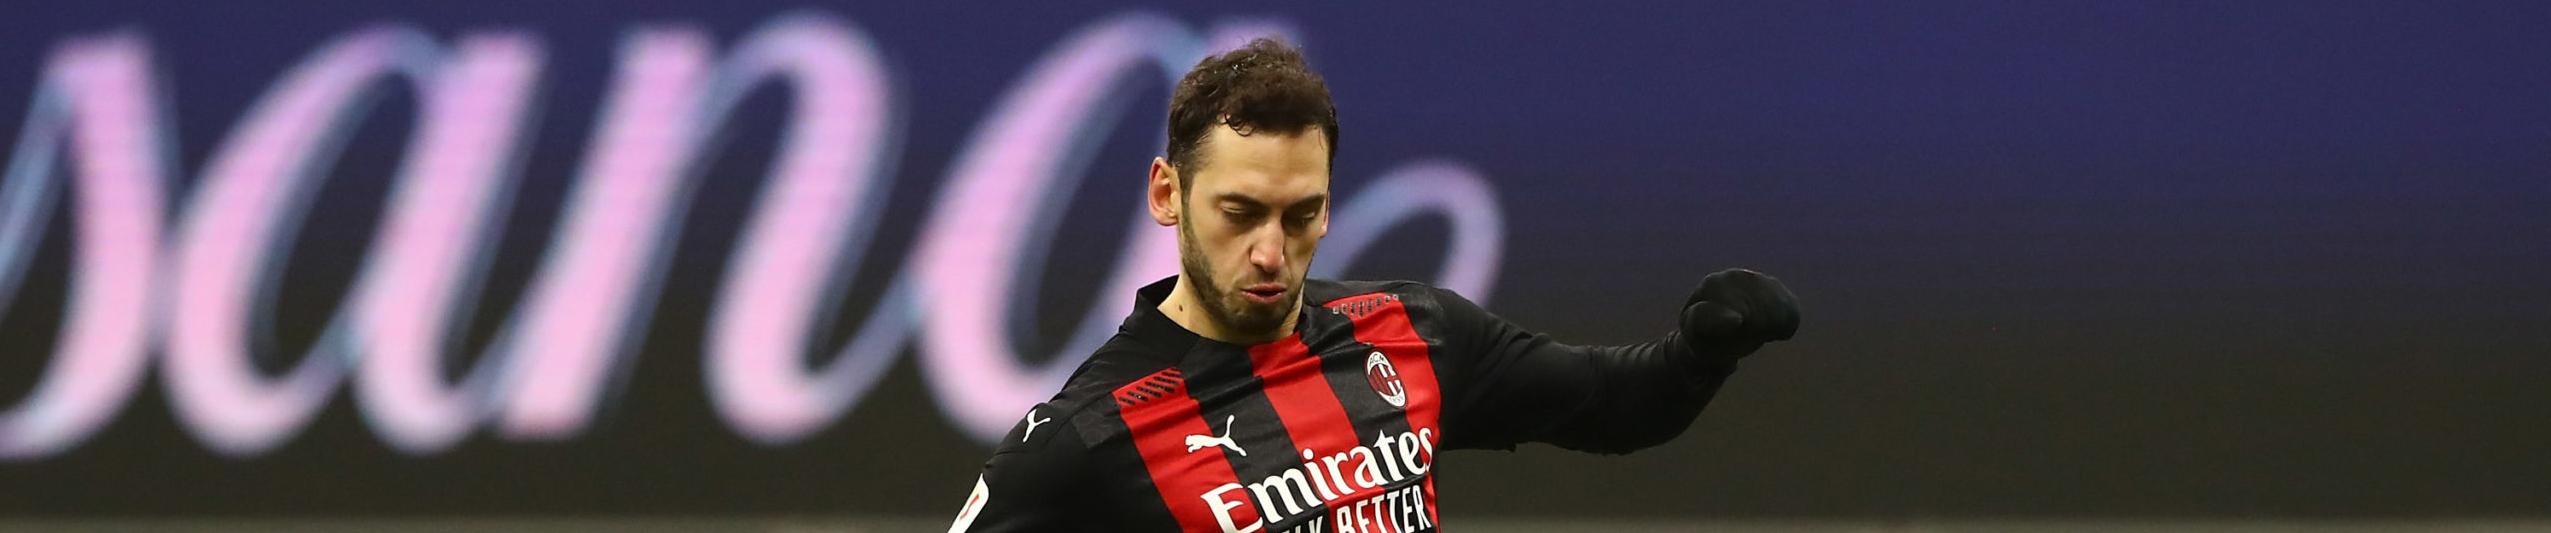 Milan-Crotone: rientra Calhanoglu a guidare l'attacco rossonero